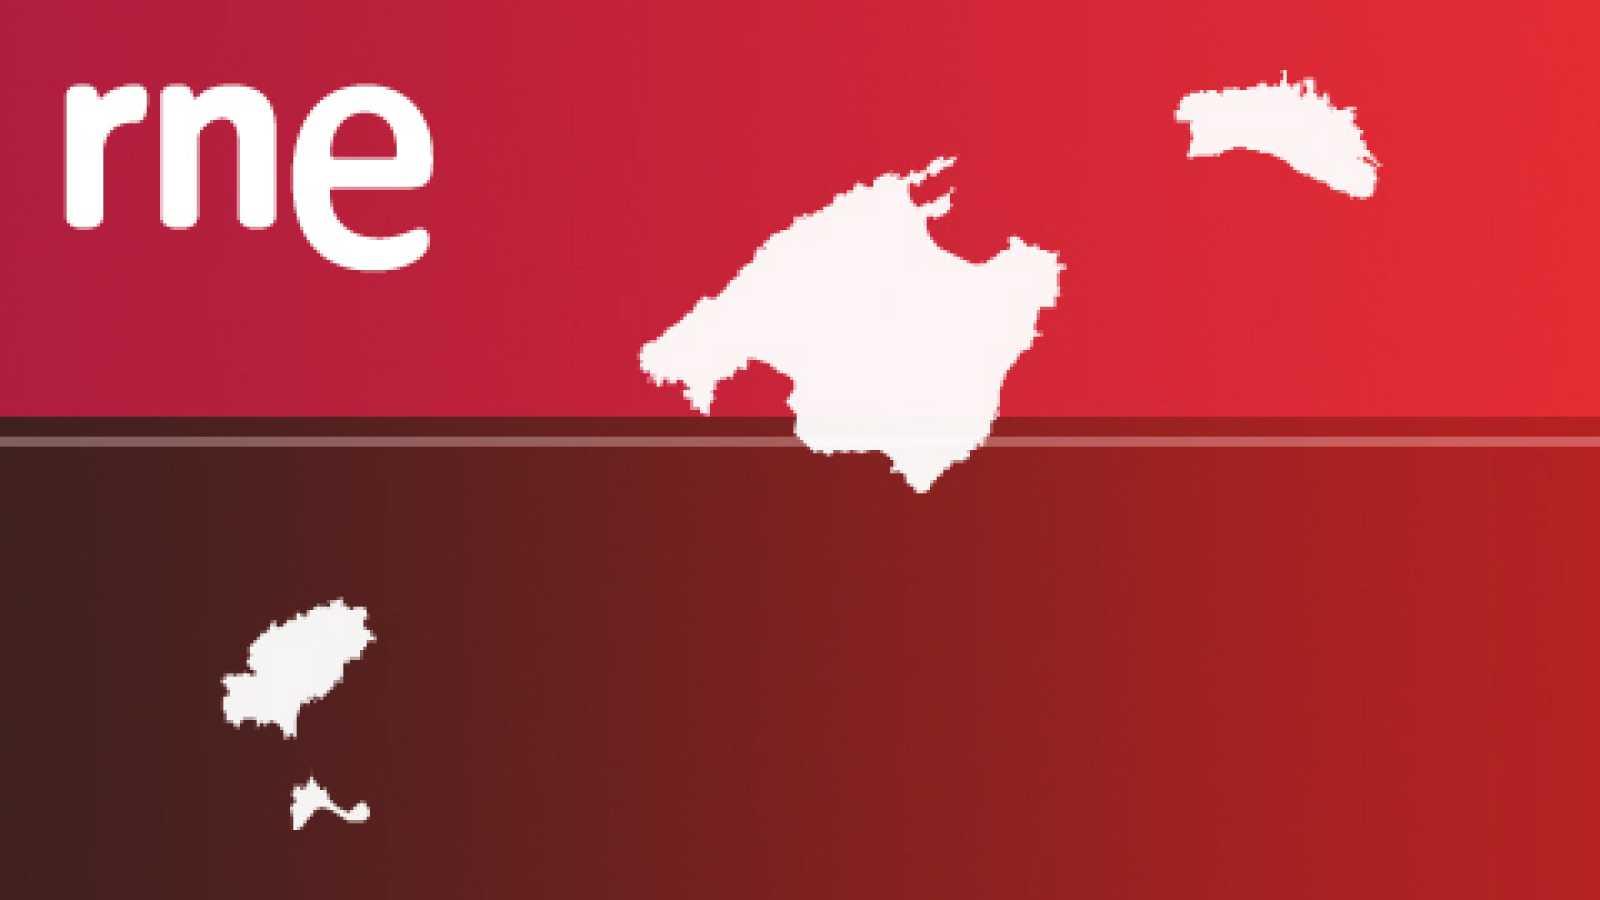 Noticies Vespre Balears 18/11/2020 - Escuchar ahora